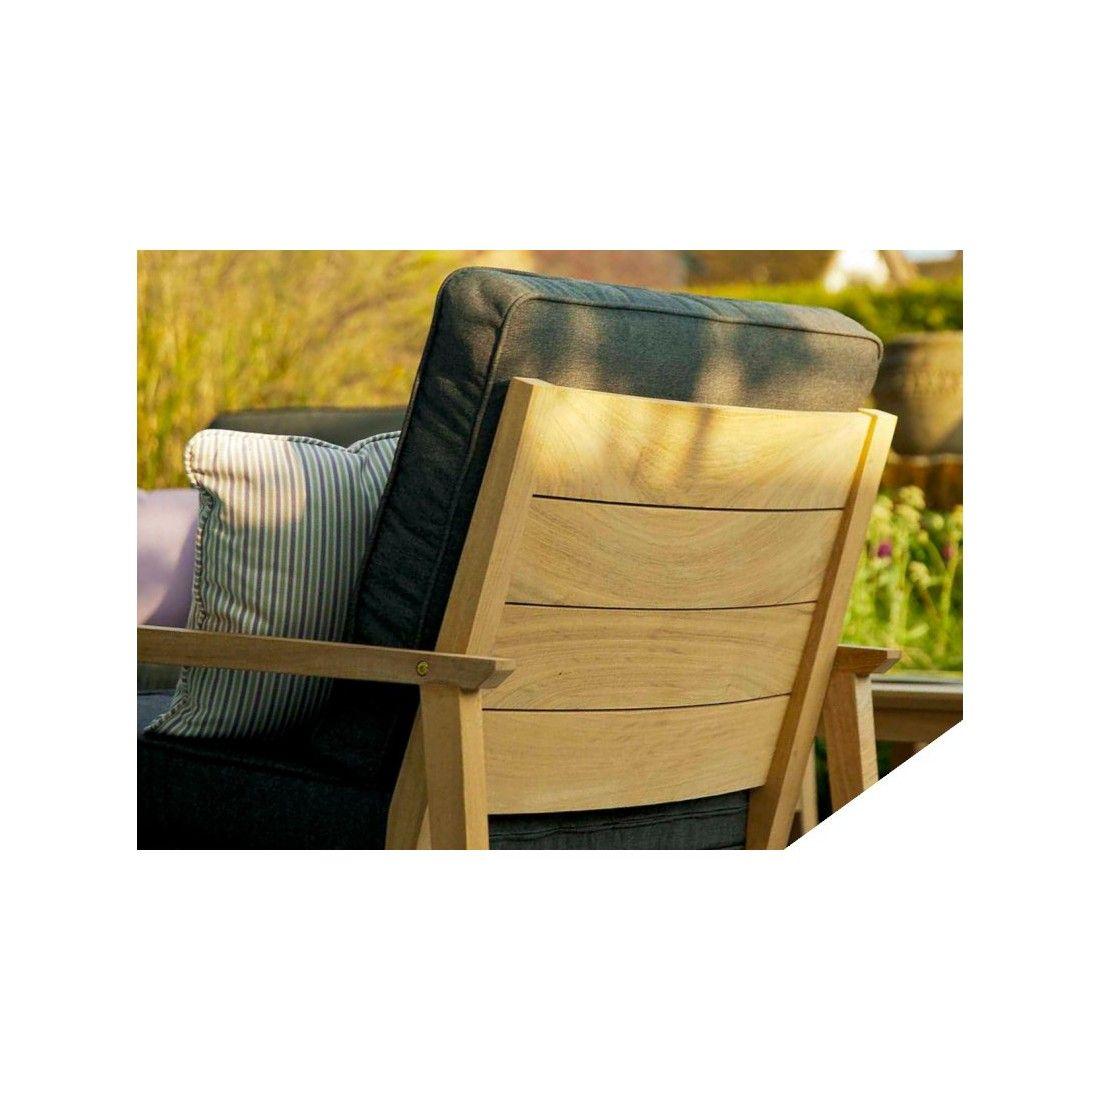 Fauteuil de salon de jardin en bois avec coussin gris foncé